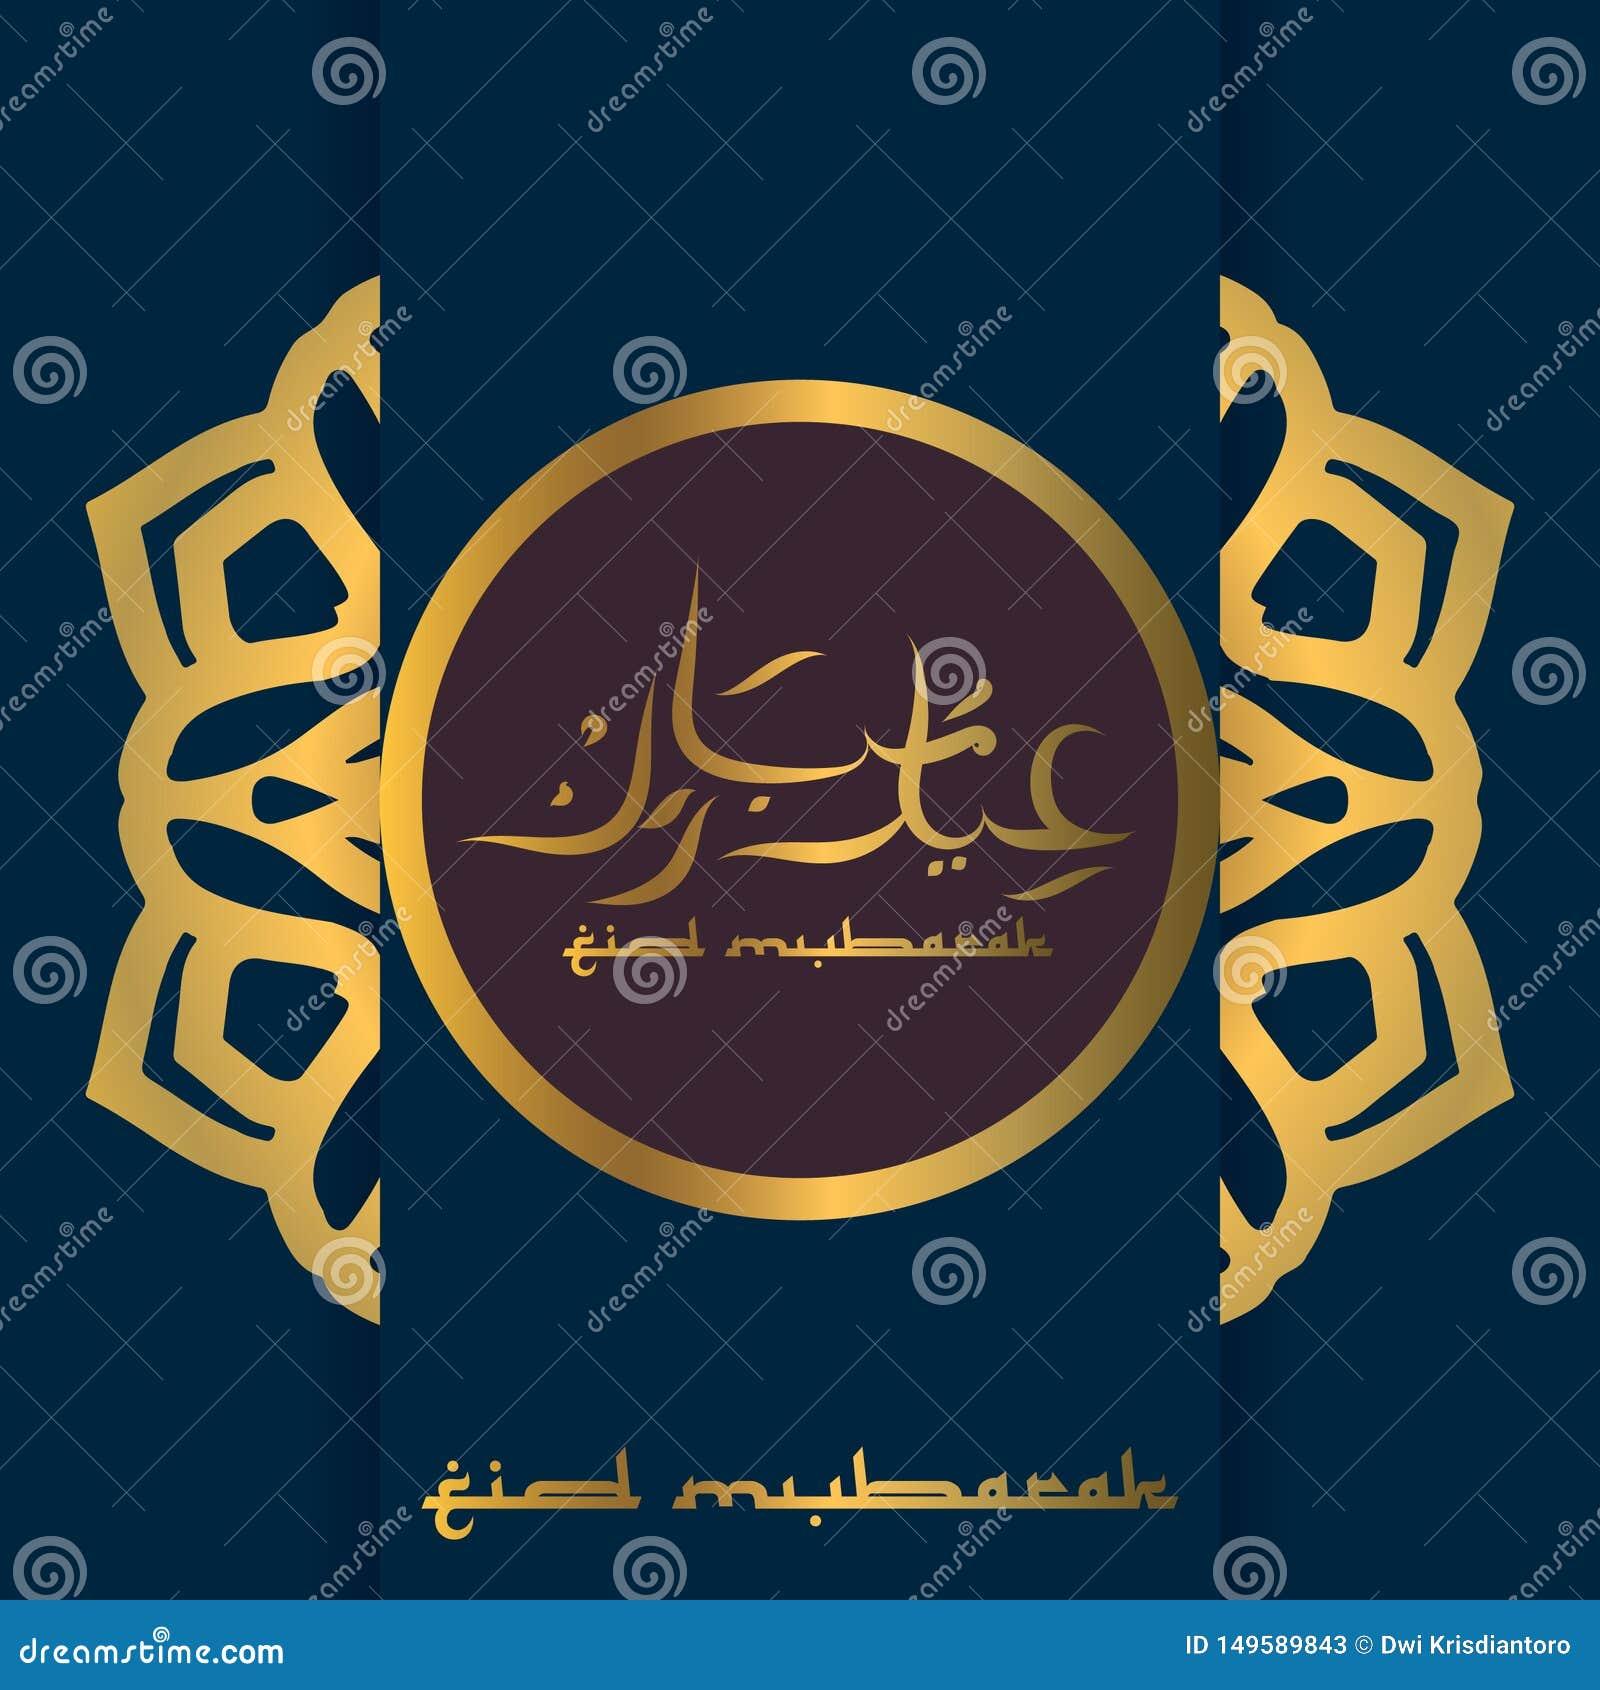 Hintergrundentwurf Eid Mubarak mit Kalligraphie und arabische Mandalaverzierung, glücklicher Eid Mubarak mit Kalligraphieart Eid